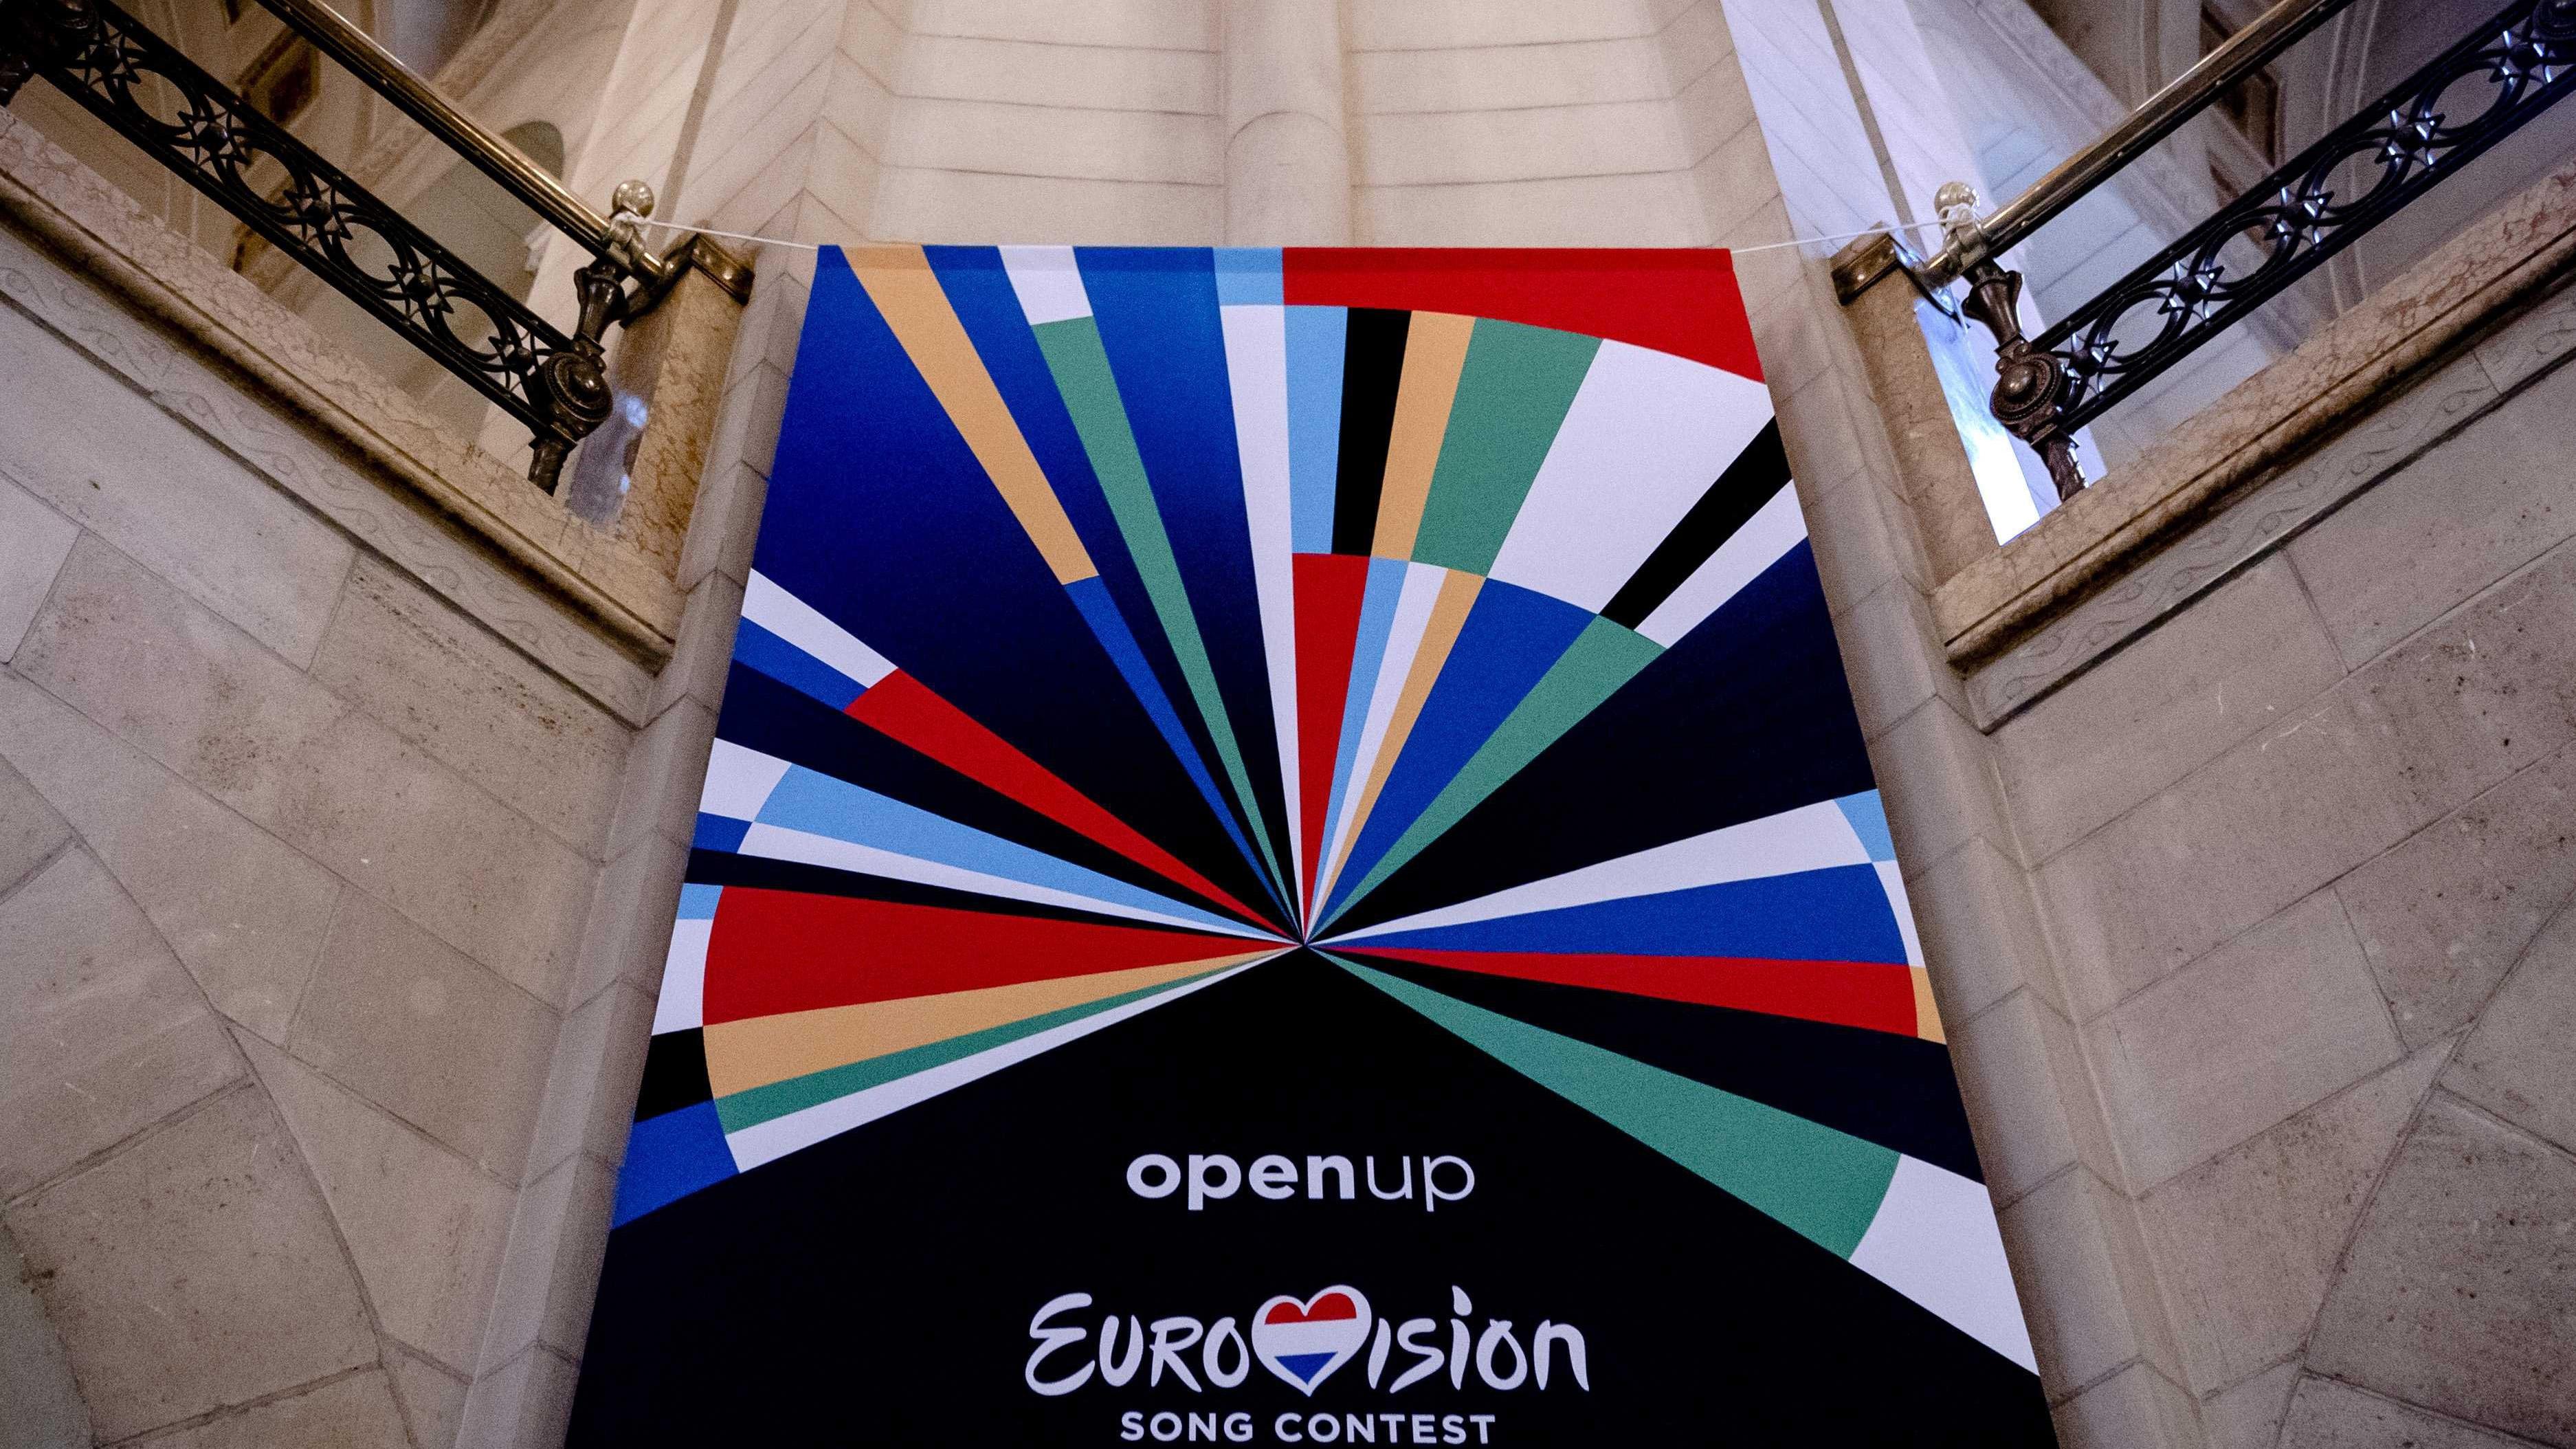 A 2020-as rotterdami Eurovíziós Dalfesztivált hirdető zászló egy rotterdami épületben 2020. január 28-án.